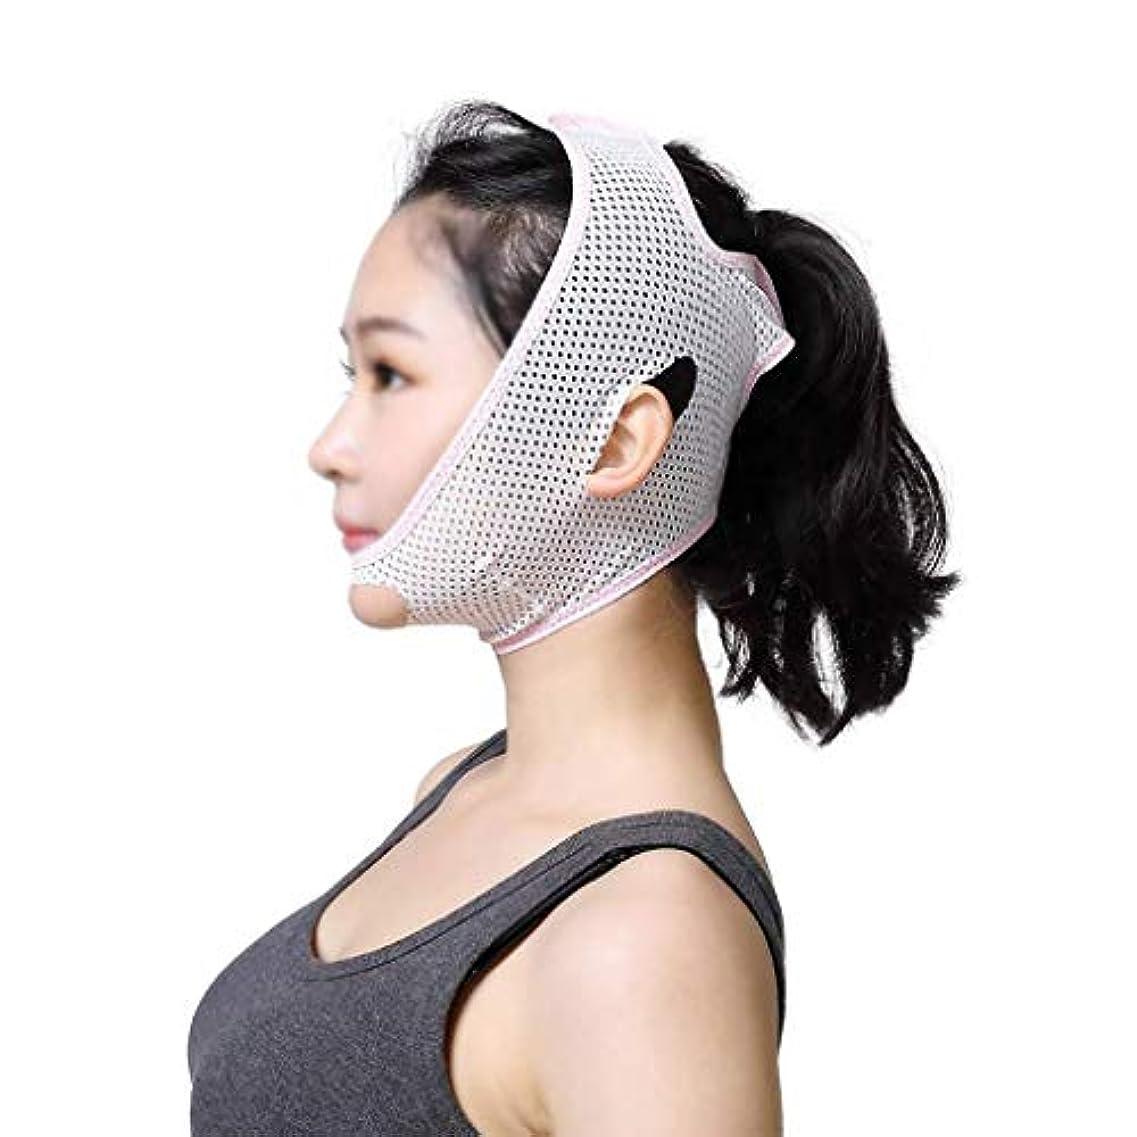 幻想リベラル補助あごのストラップ、二重あごの男性と女性のフェイスリフトフェイシャルへの美しさのマスクでポストフェイス補正を彫る通気性フェイスリフトアーティファクト睡眠包帯ライン(サイズ:M)